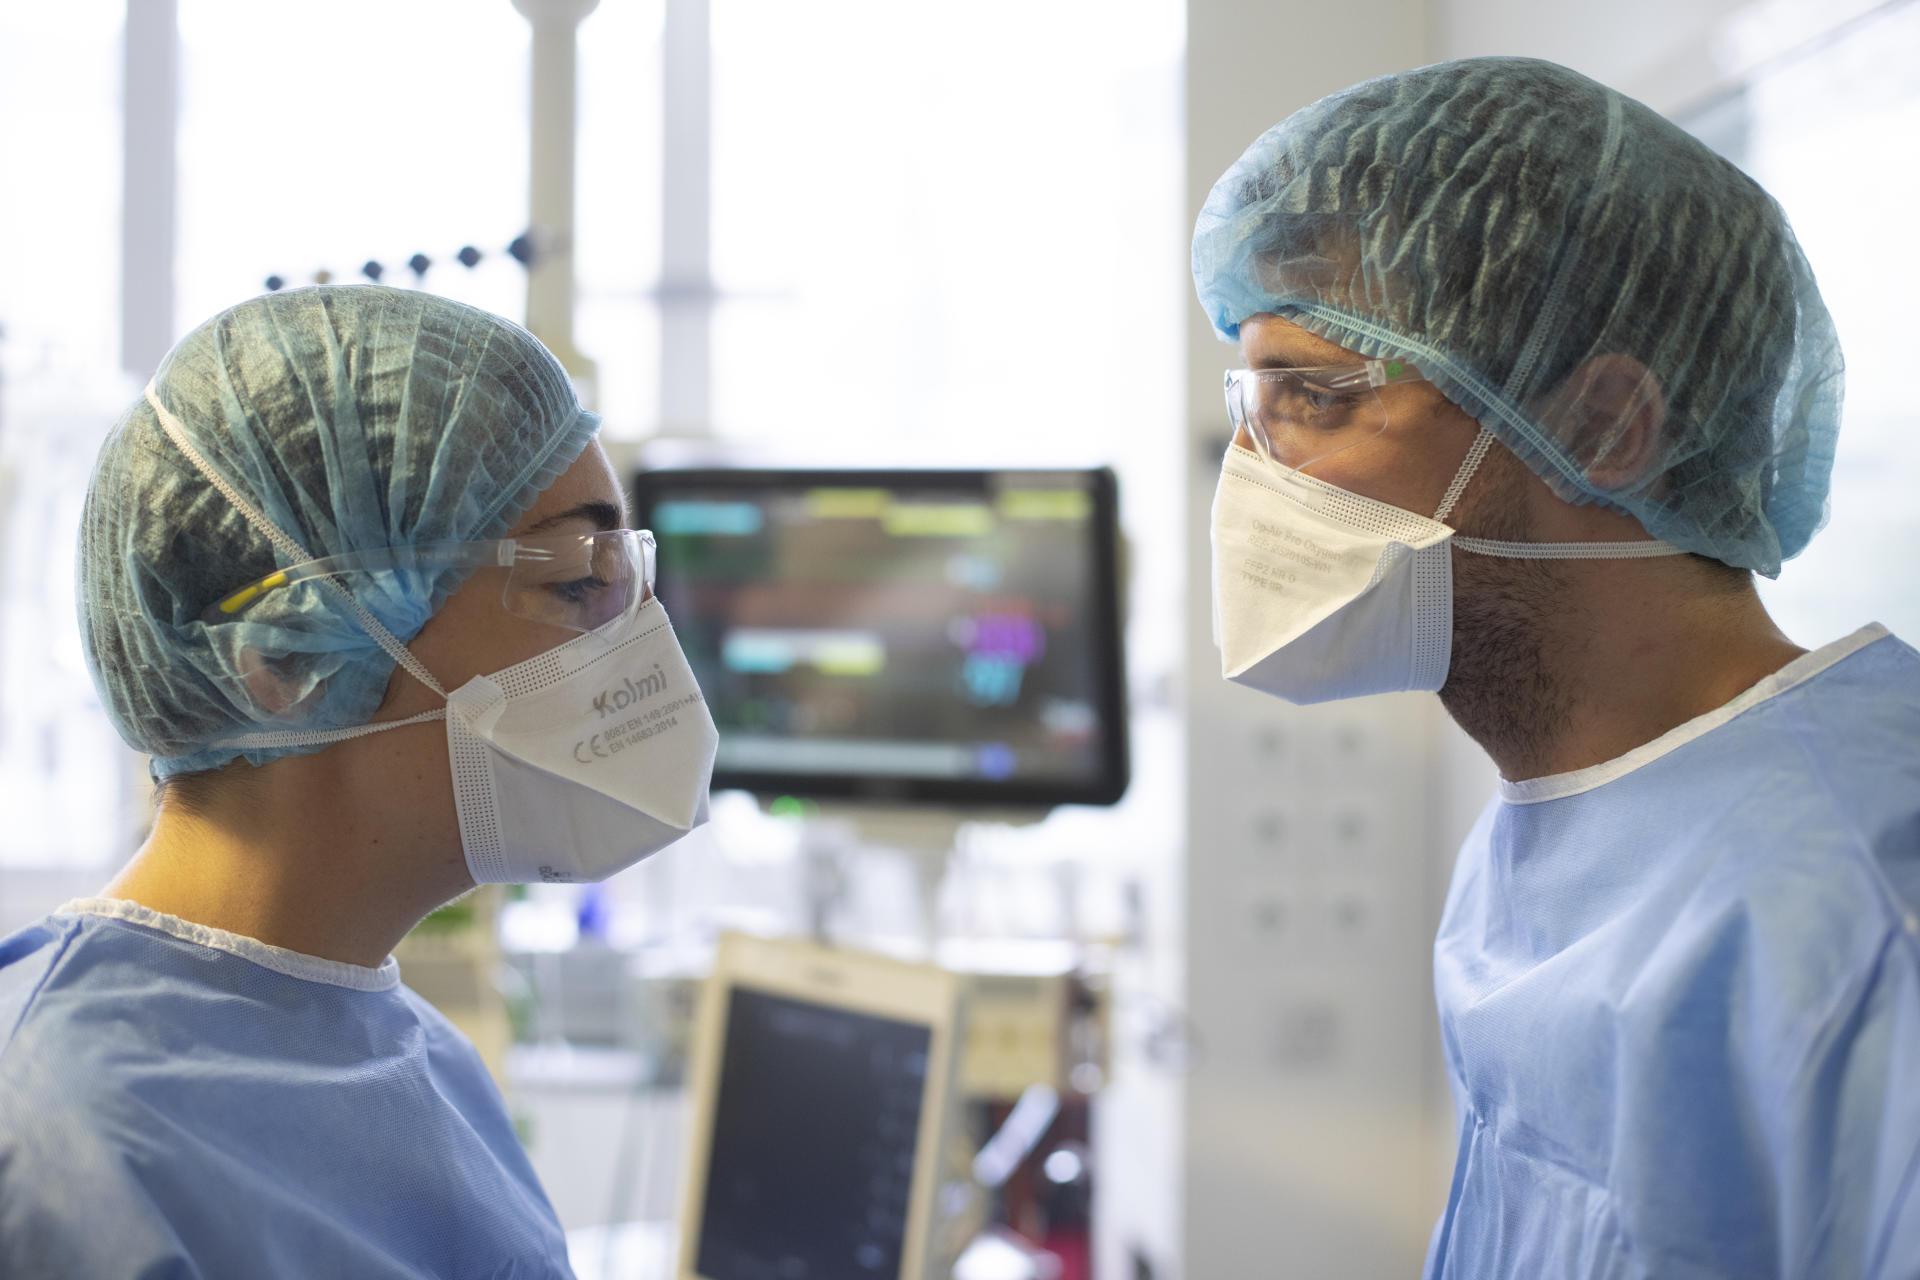 Juliette Patrier, réanimatrice, et Pierre Claquin, infirmier, dans la chambre d'une patiente atteinte de Covid-19. Service de réanimation de l'hôpital Bichat, à Paris, le 8 avril 2021.